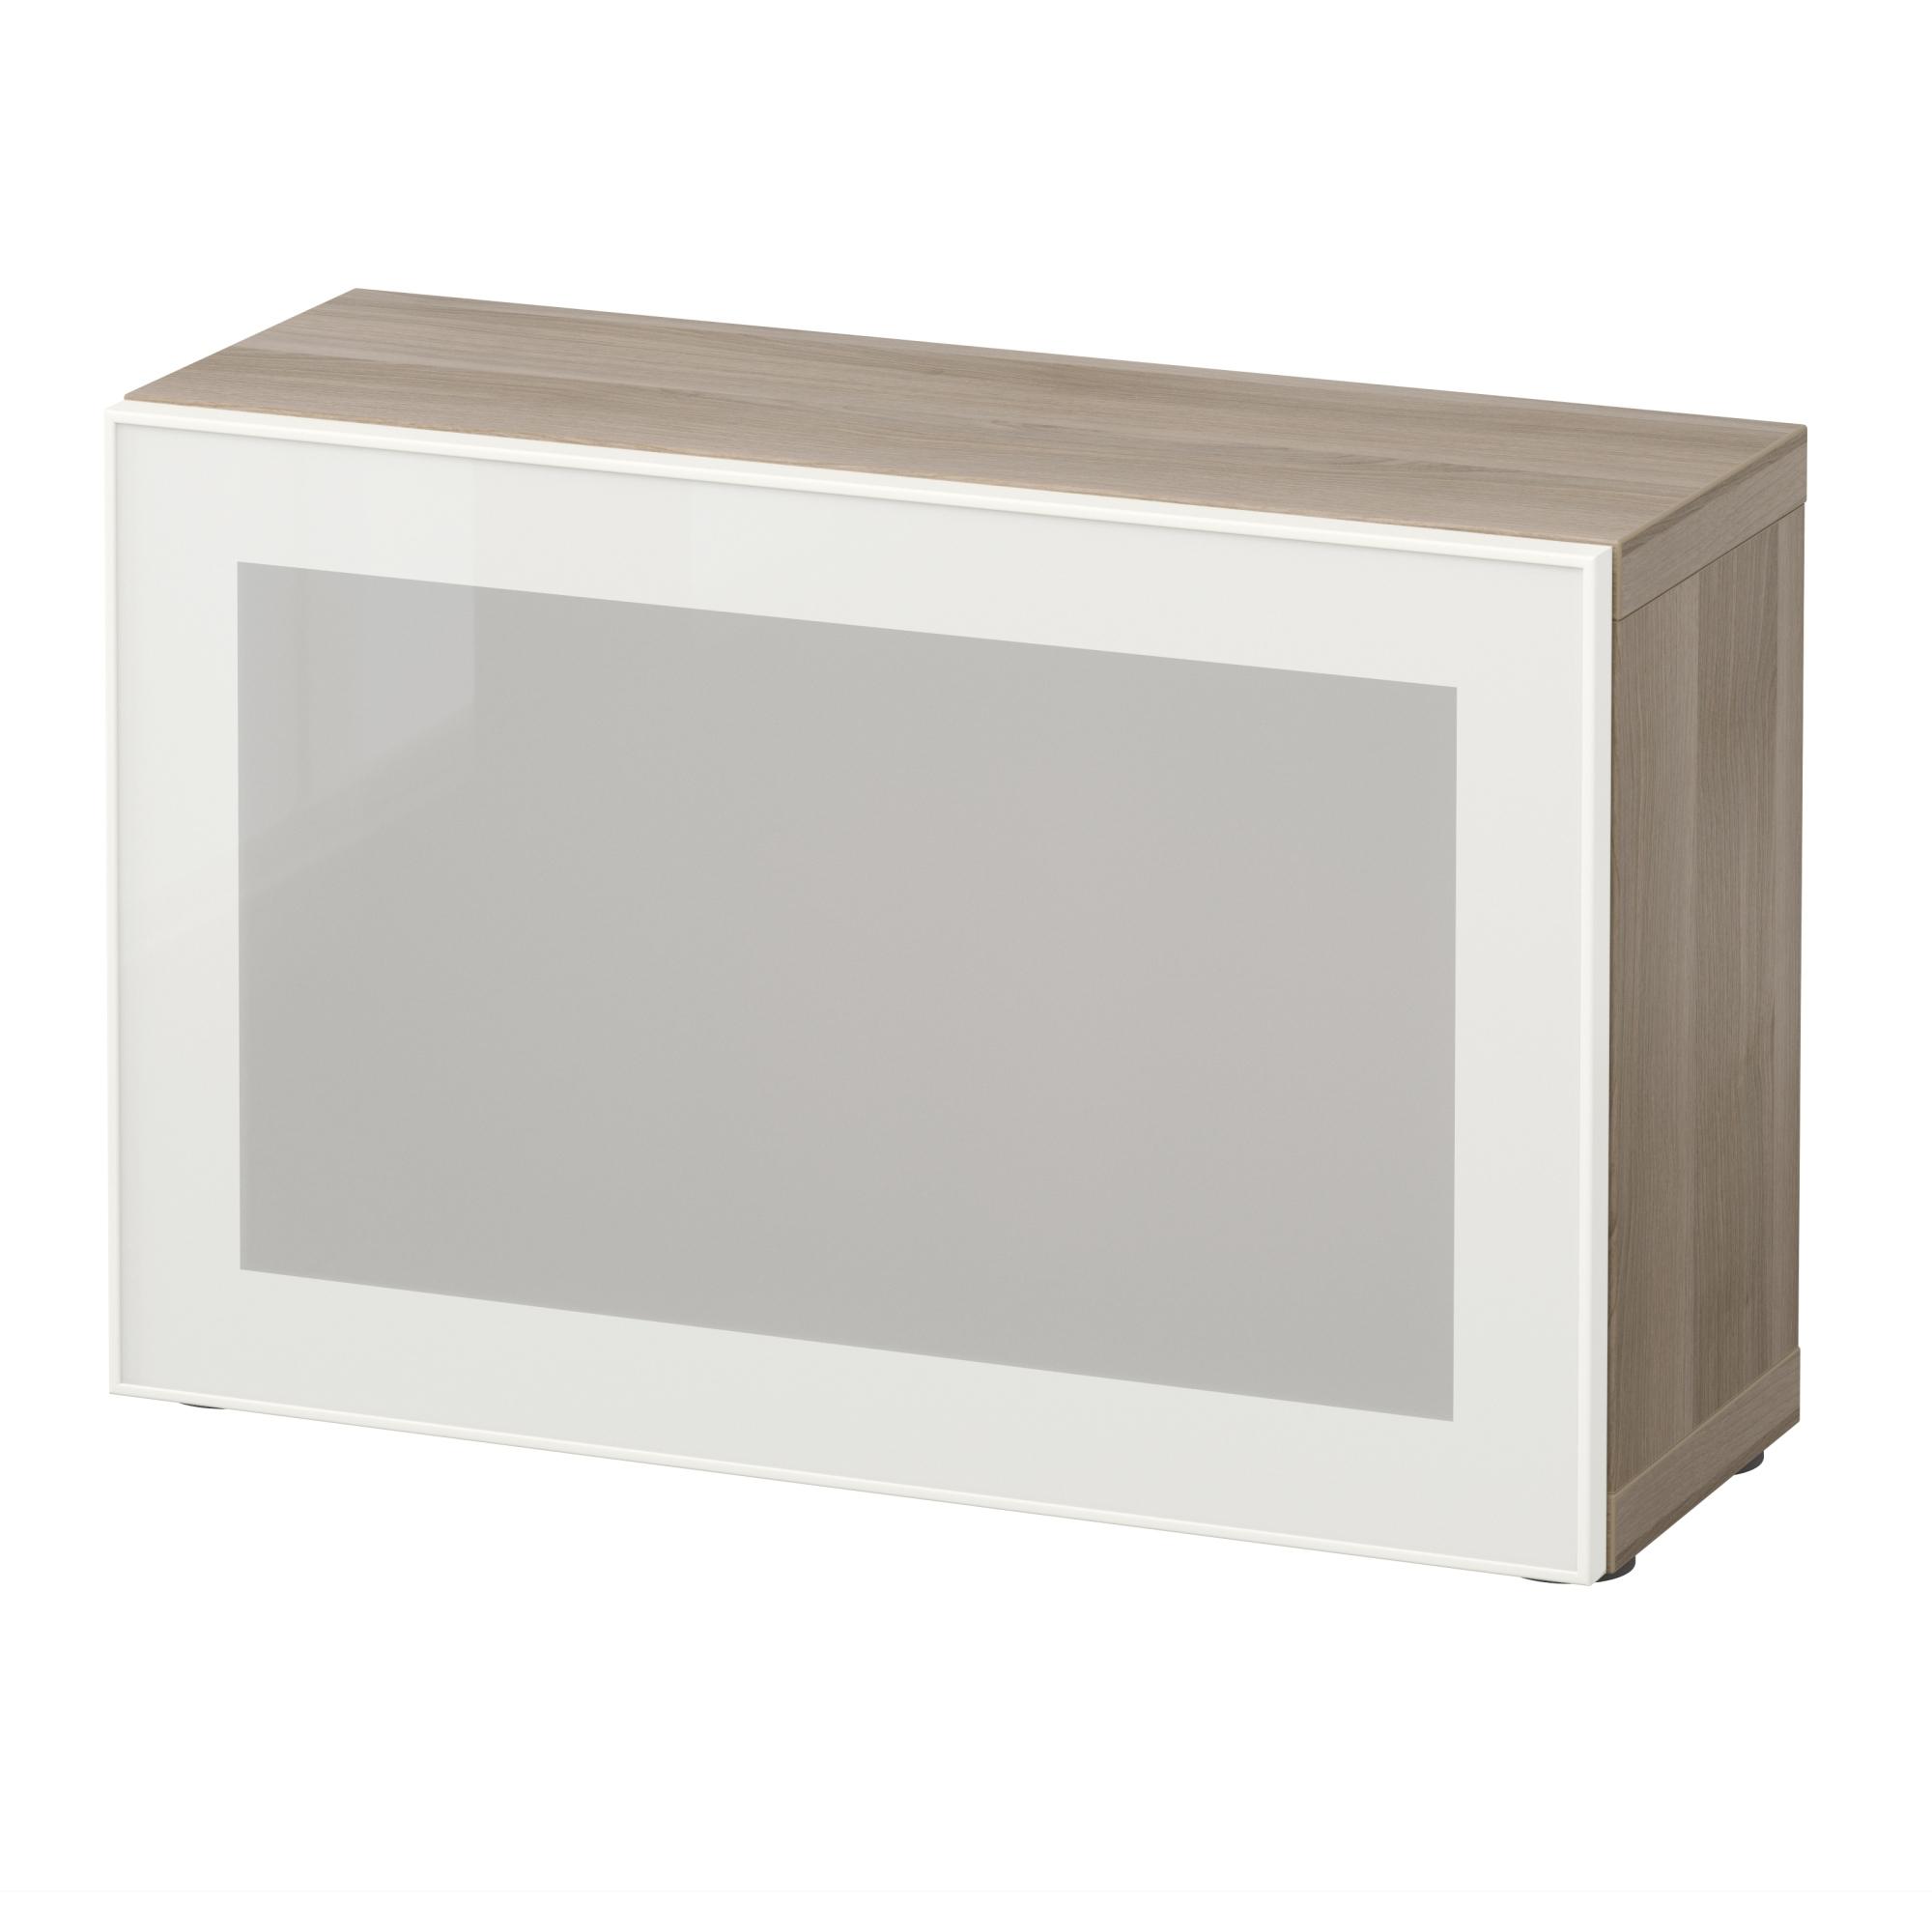 Küchenschrank Für Kühlschrank Edelstahl Amerikanischer Kühlschrank